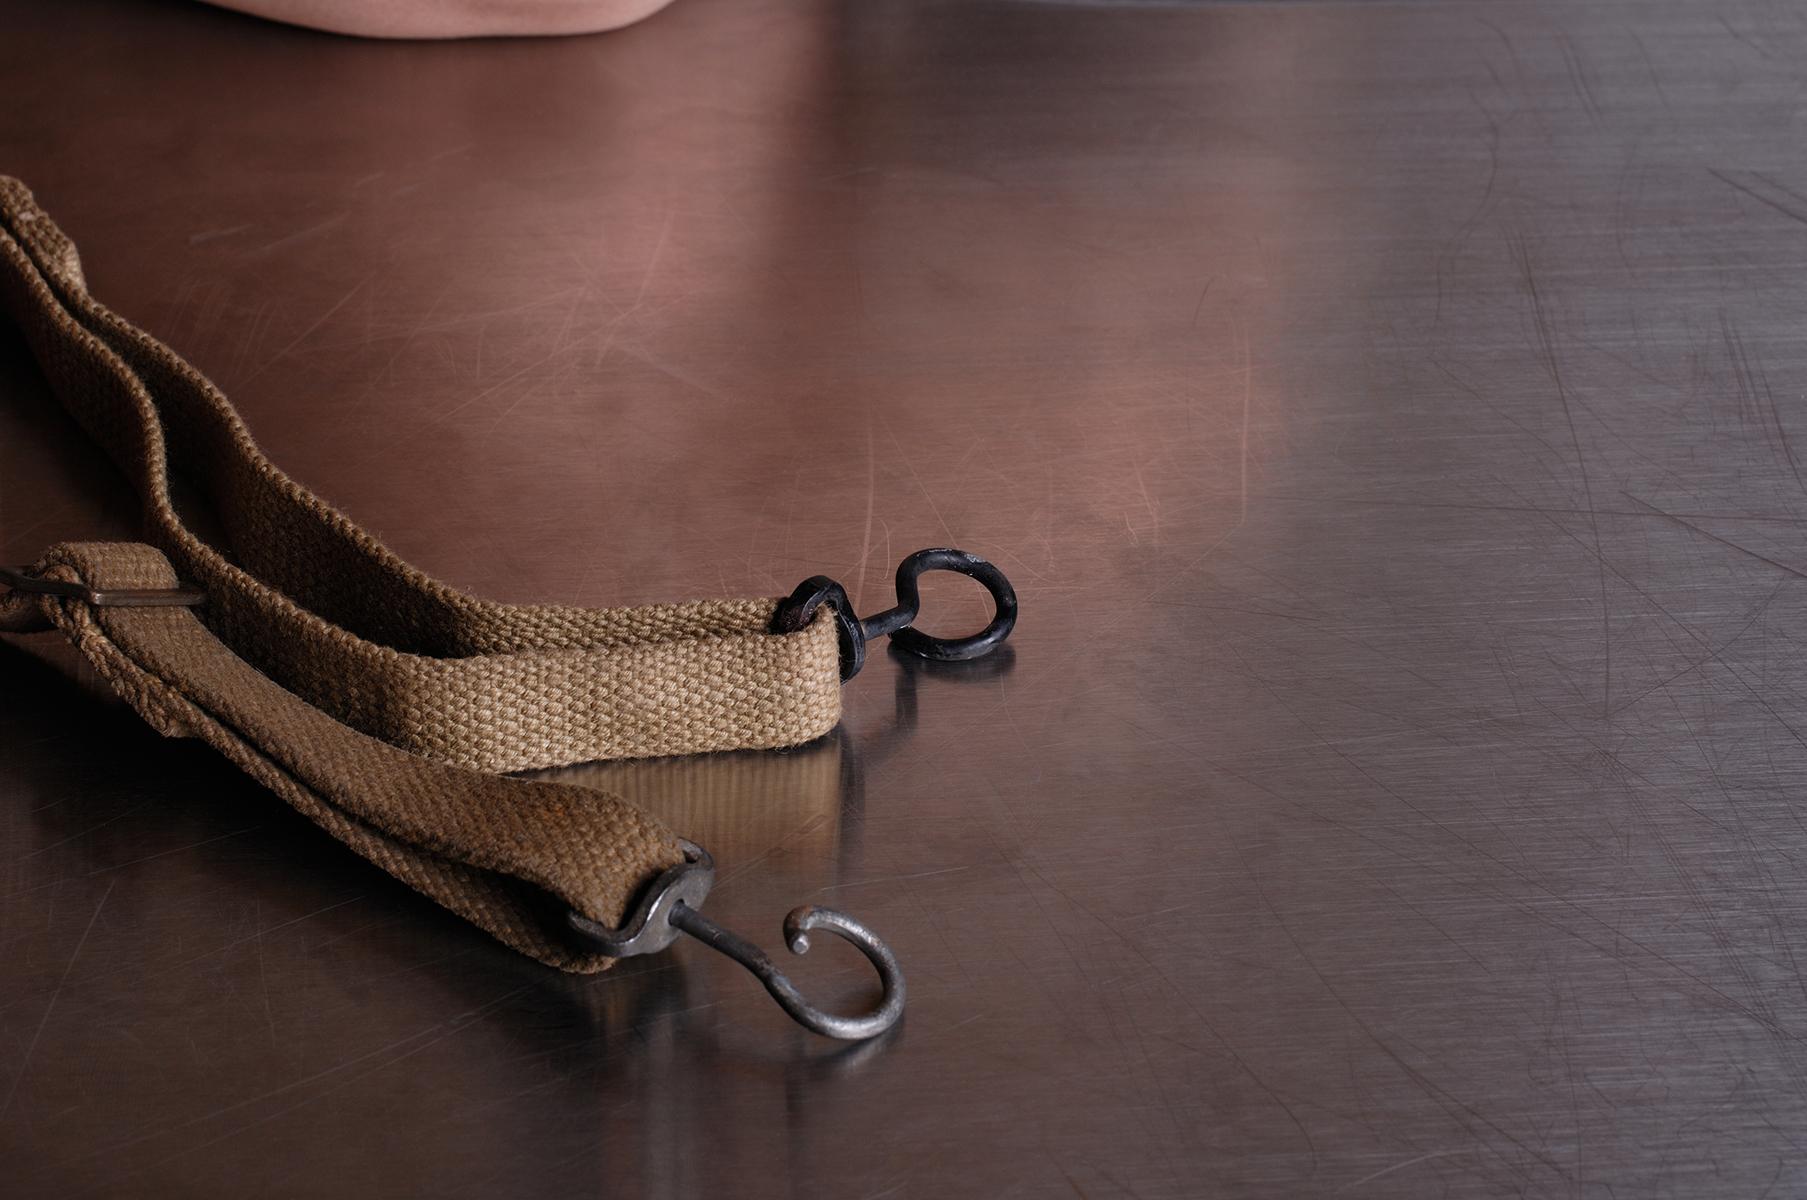 ステンガン用スリング